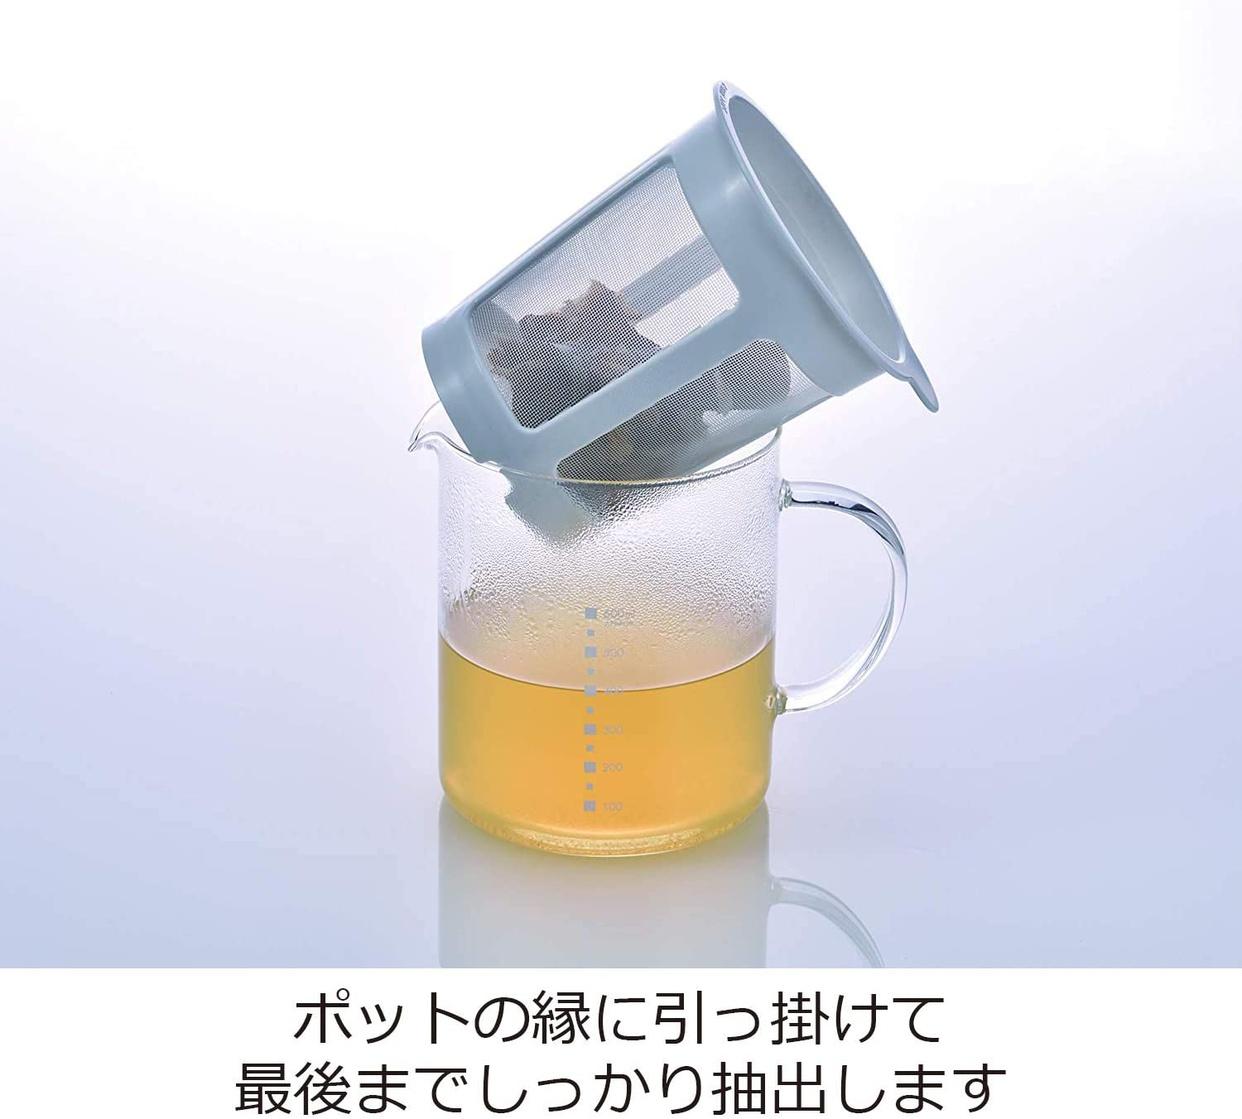 HARIO(ハリオ) だしポット DP-600の商品画像3